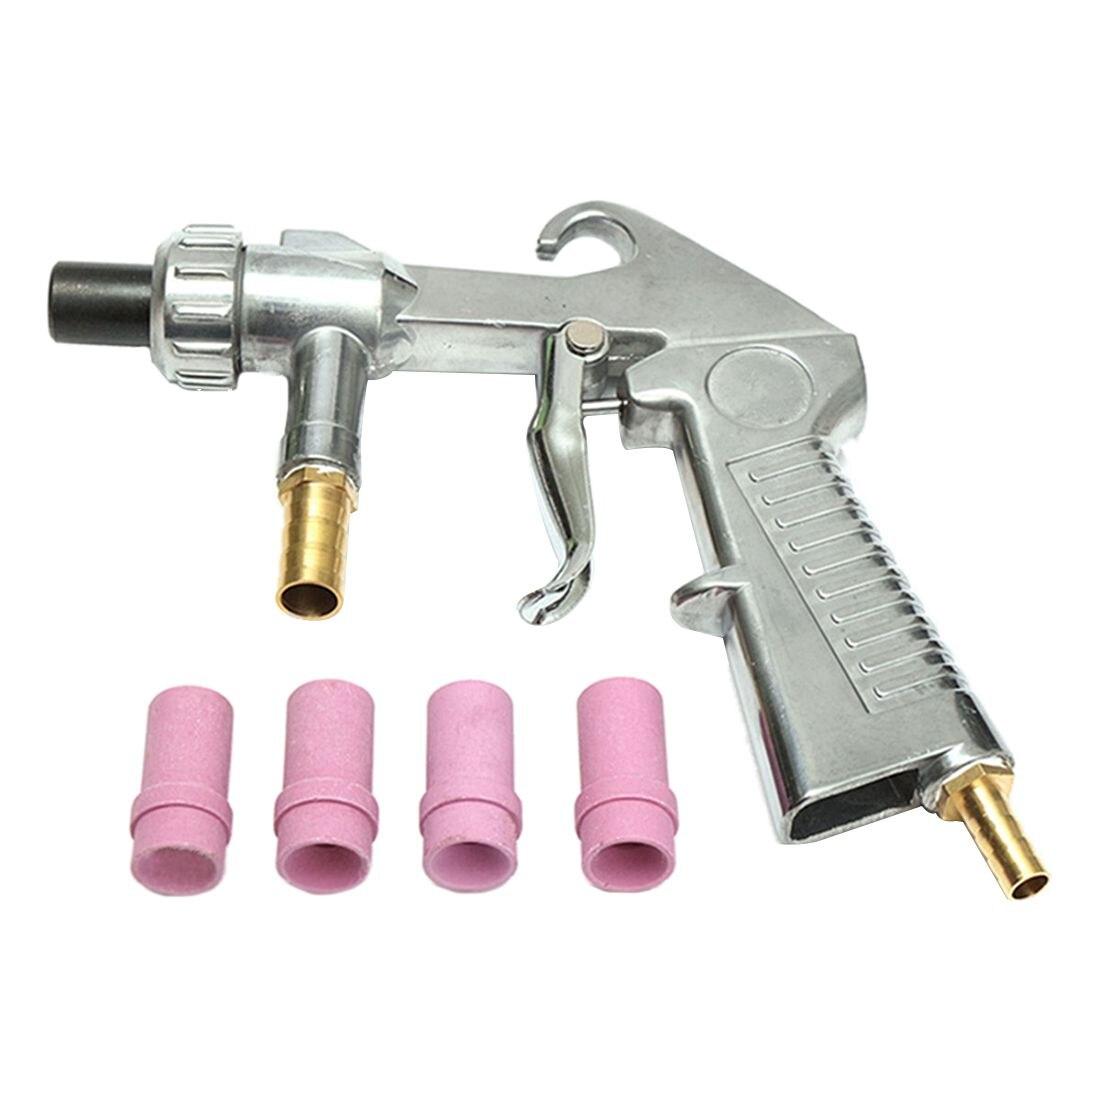 Sandstrahlpistole Air Siphon + 4 stücke Keramik Düsen Schleif 4,5mm/5mm/6mm/7mm Set